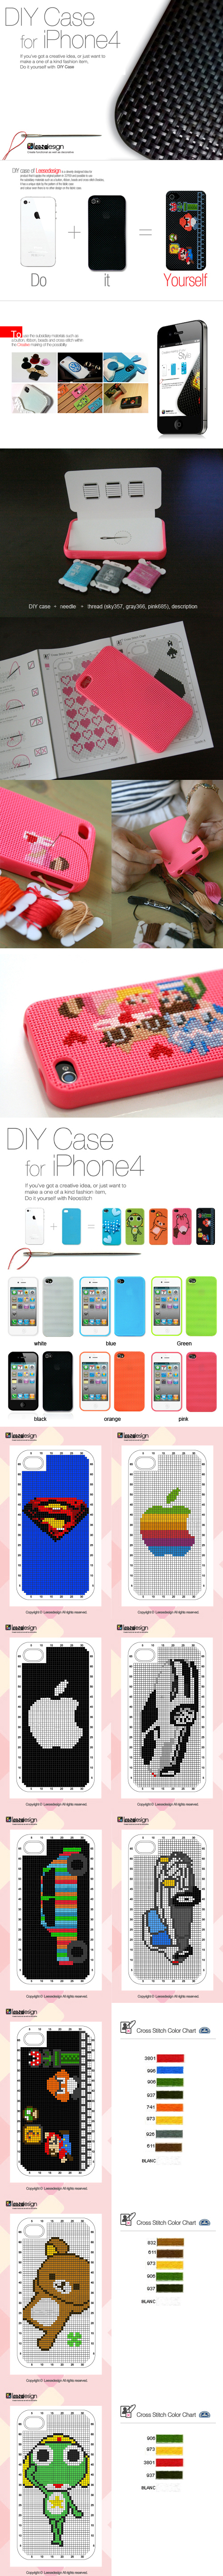 La policía aun sigue investigando sobre el robo del prototipo del iPhone 4 8